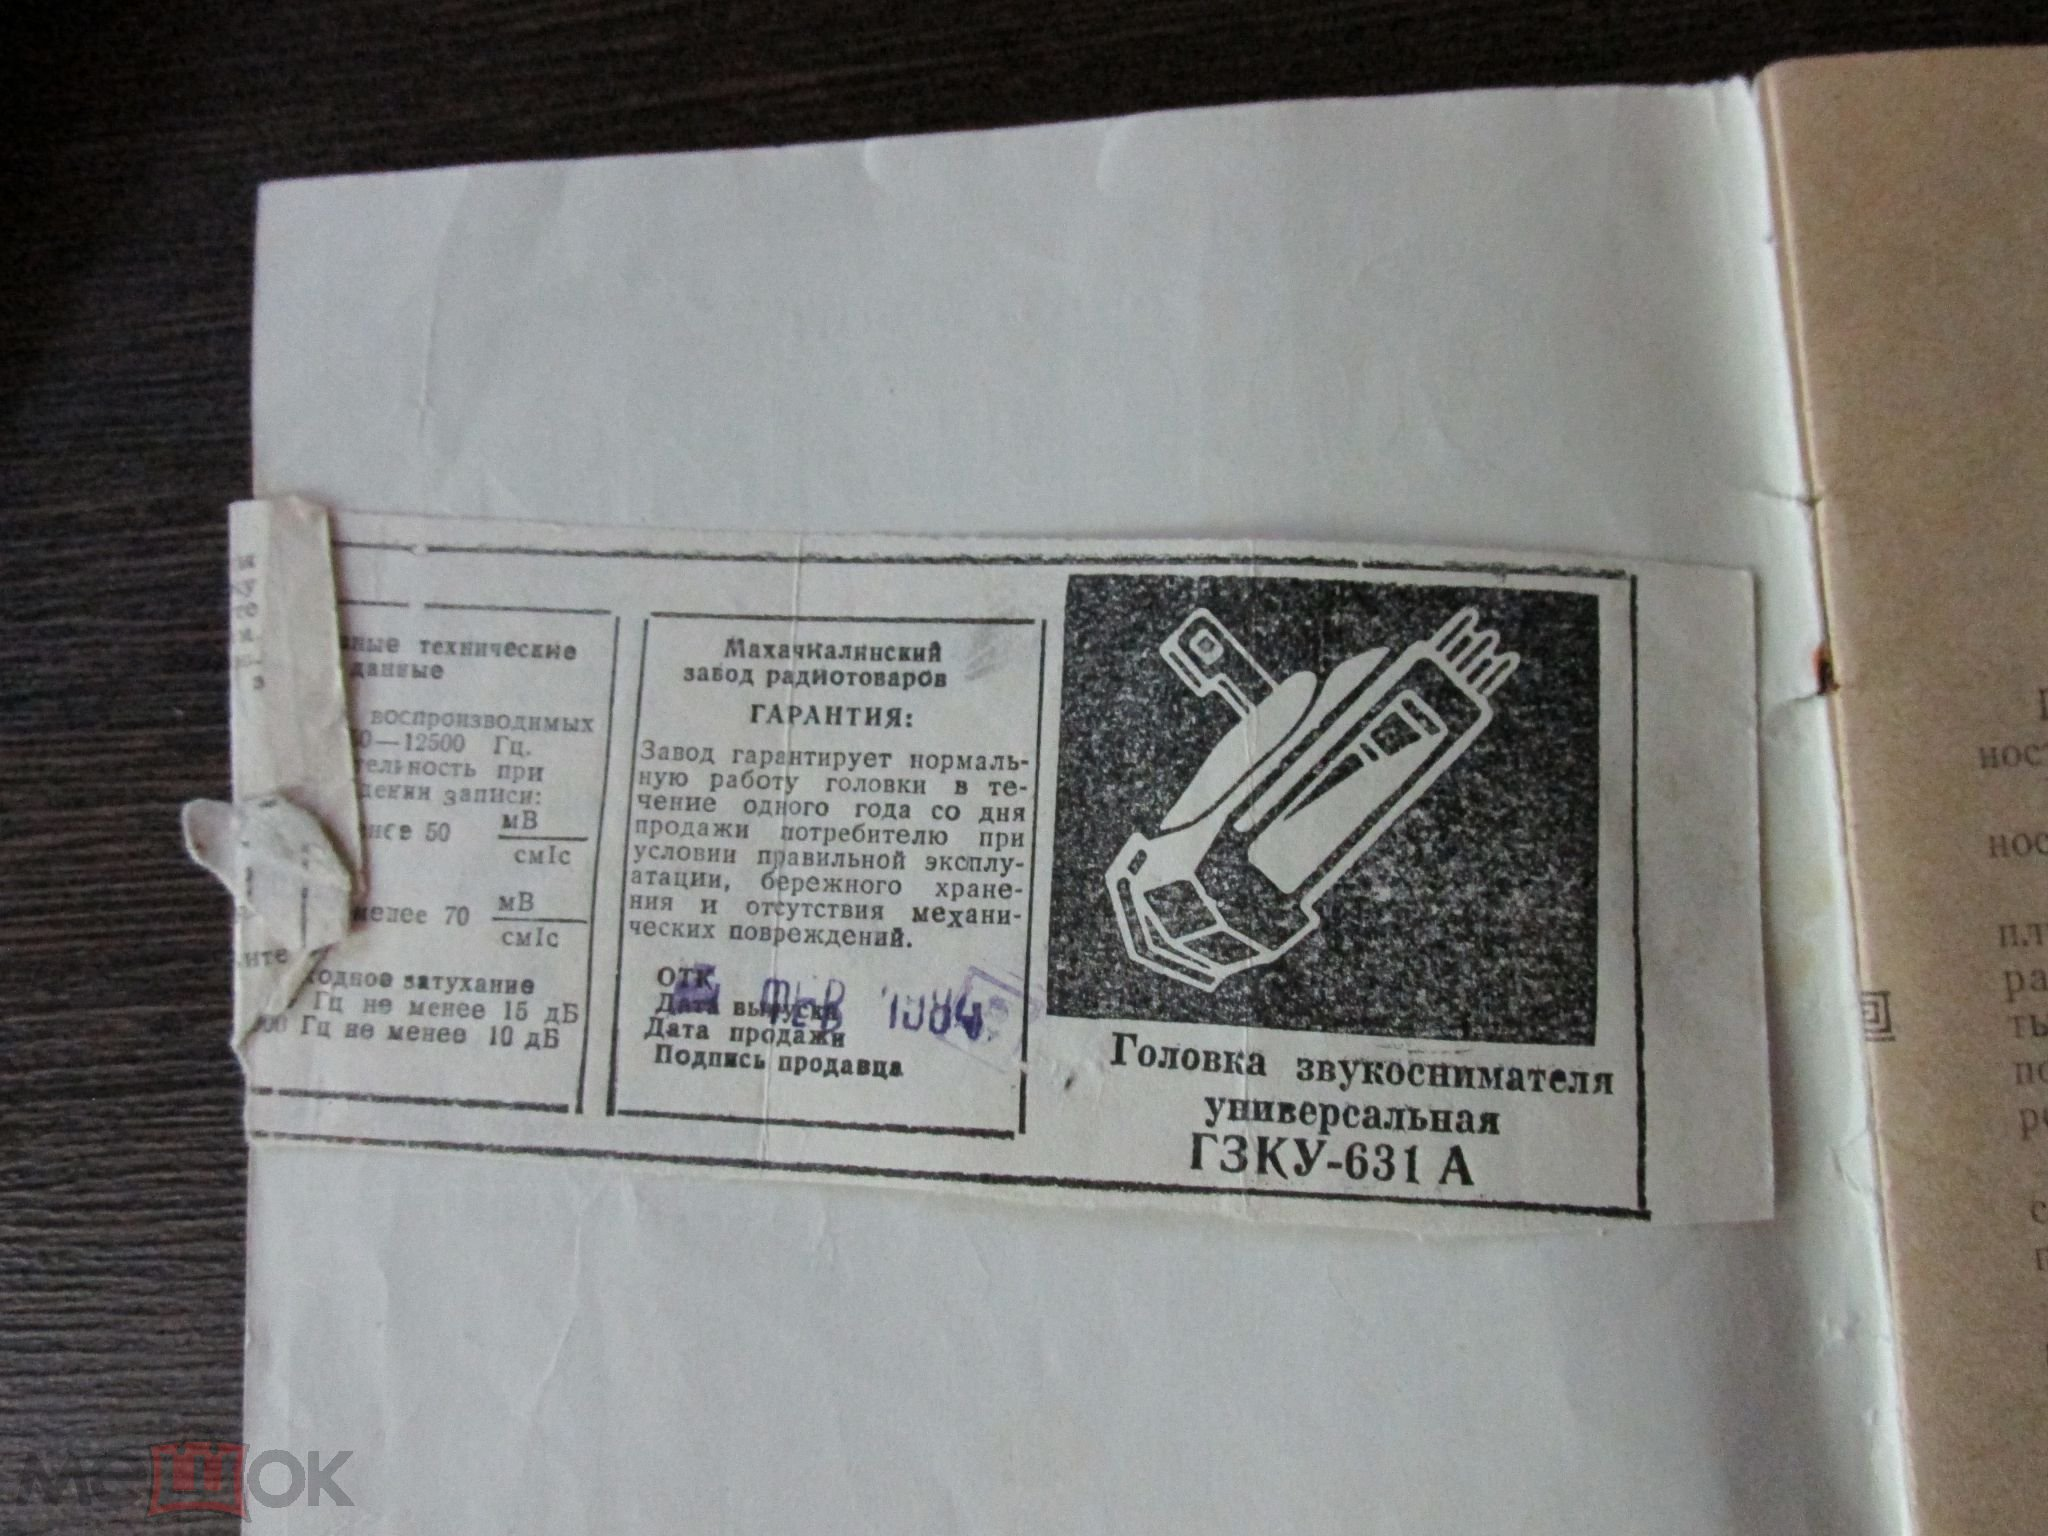 схема россия 321 стерео